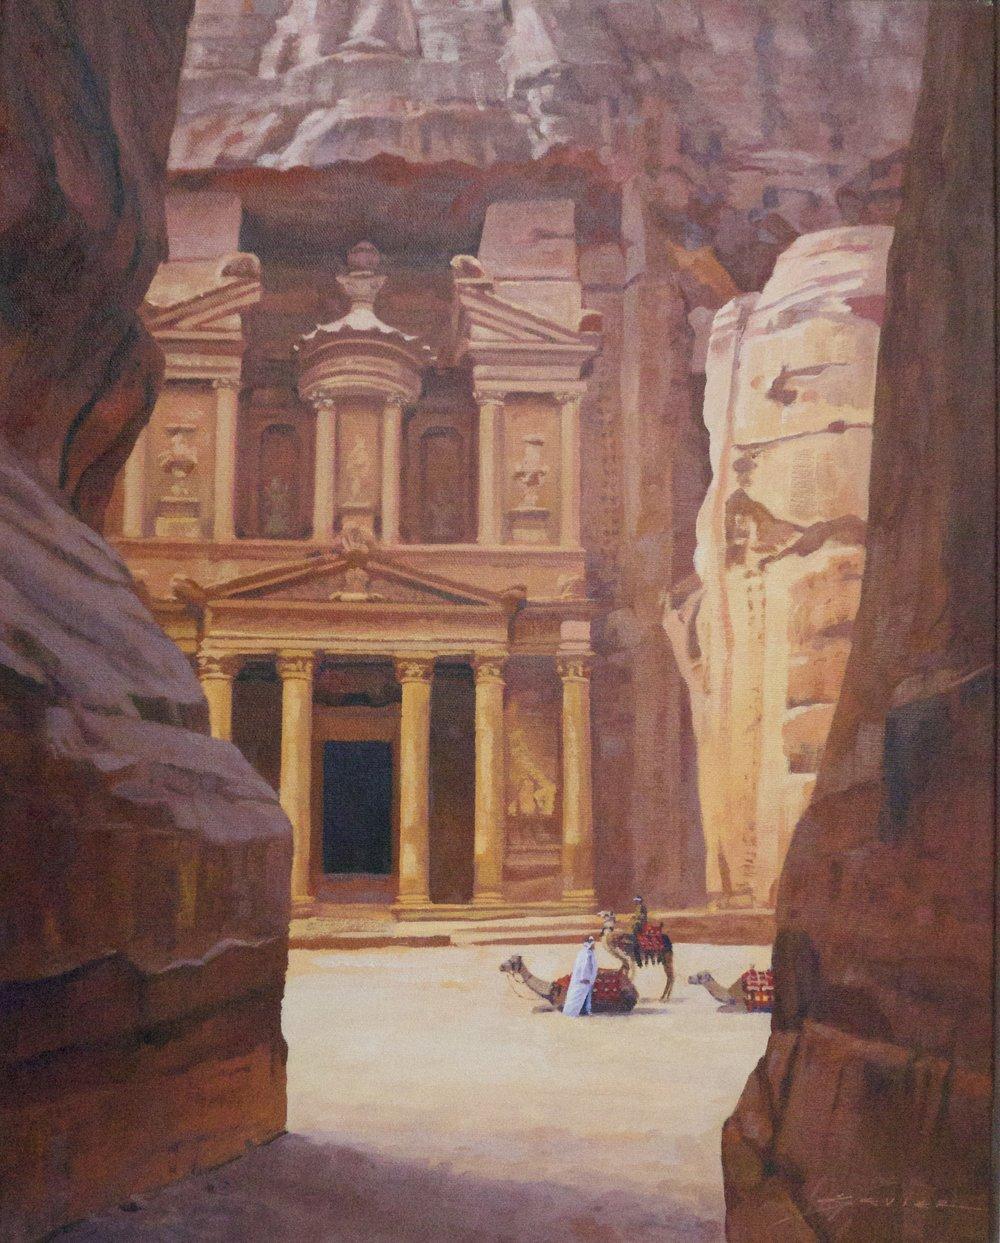 Petra/Jordan, 20 x 16, oil